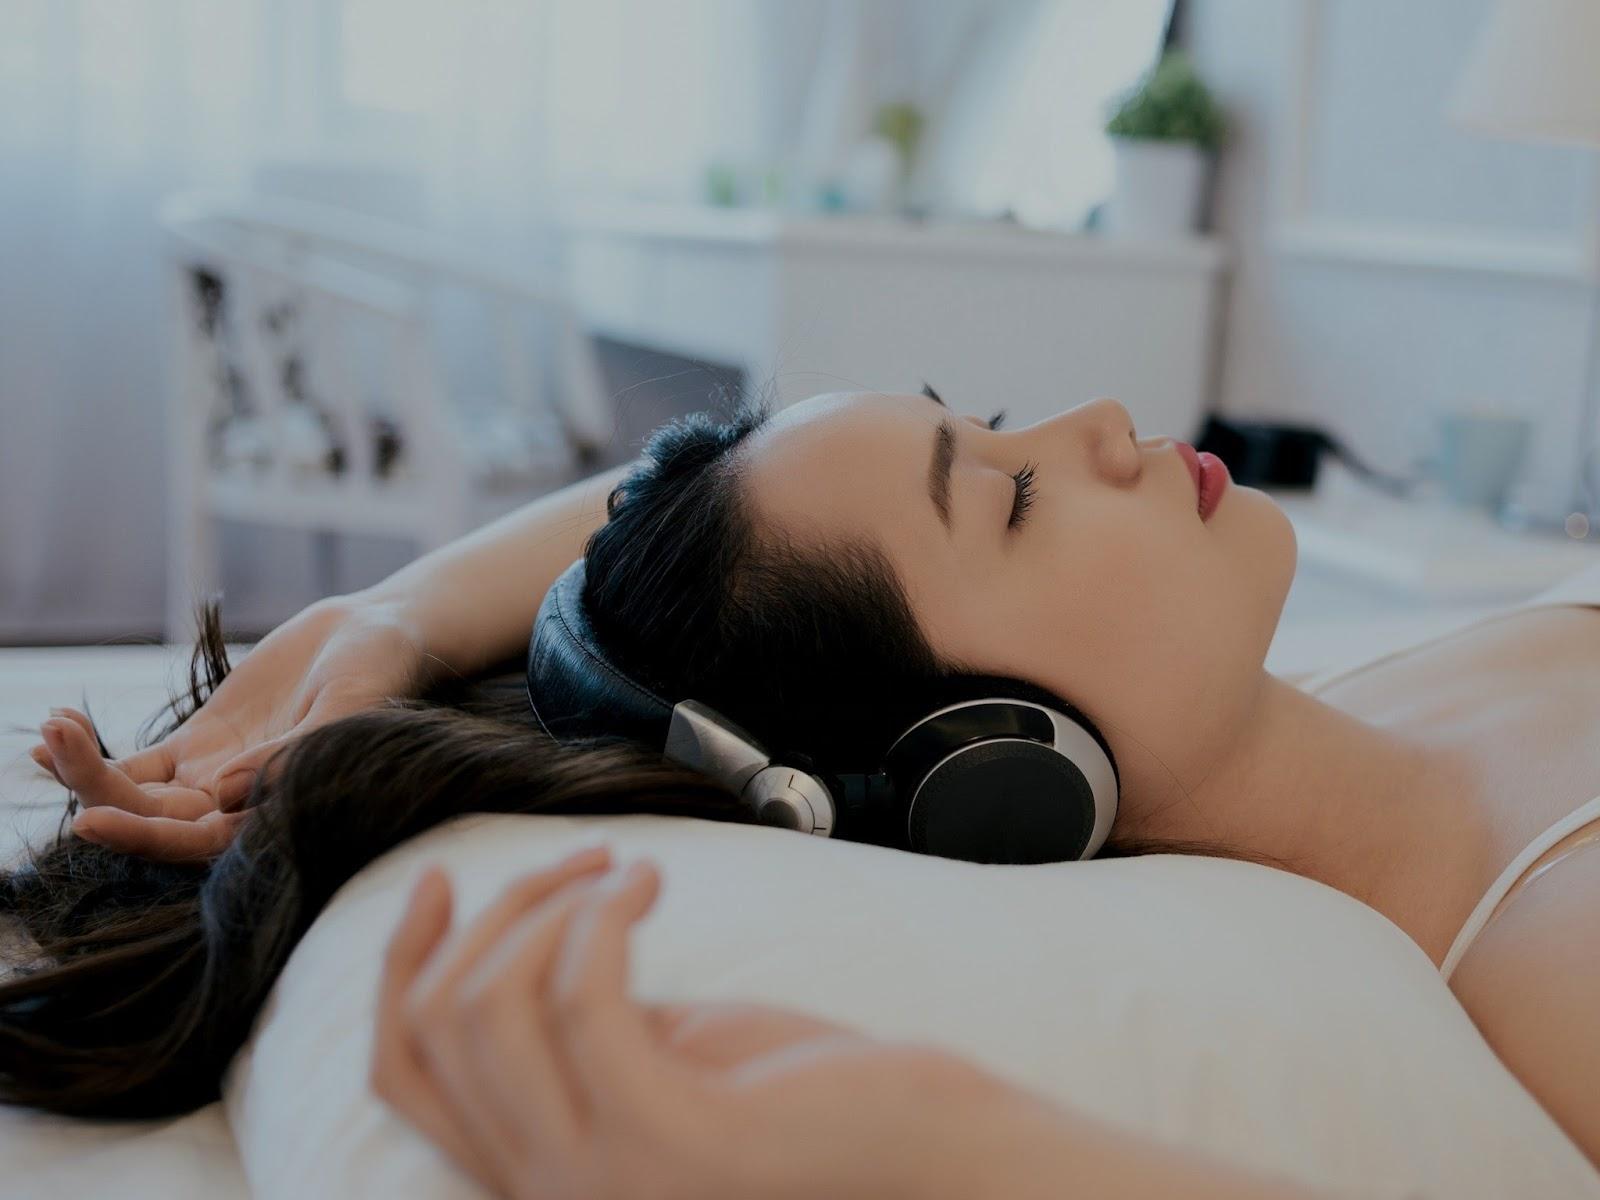 الاستماع للموسيقى في الصباح